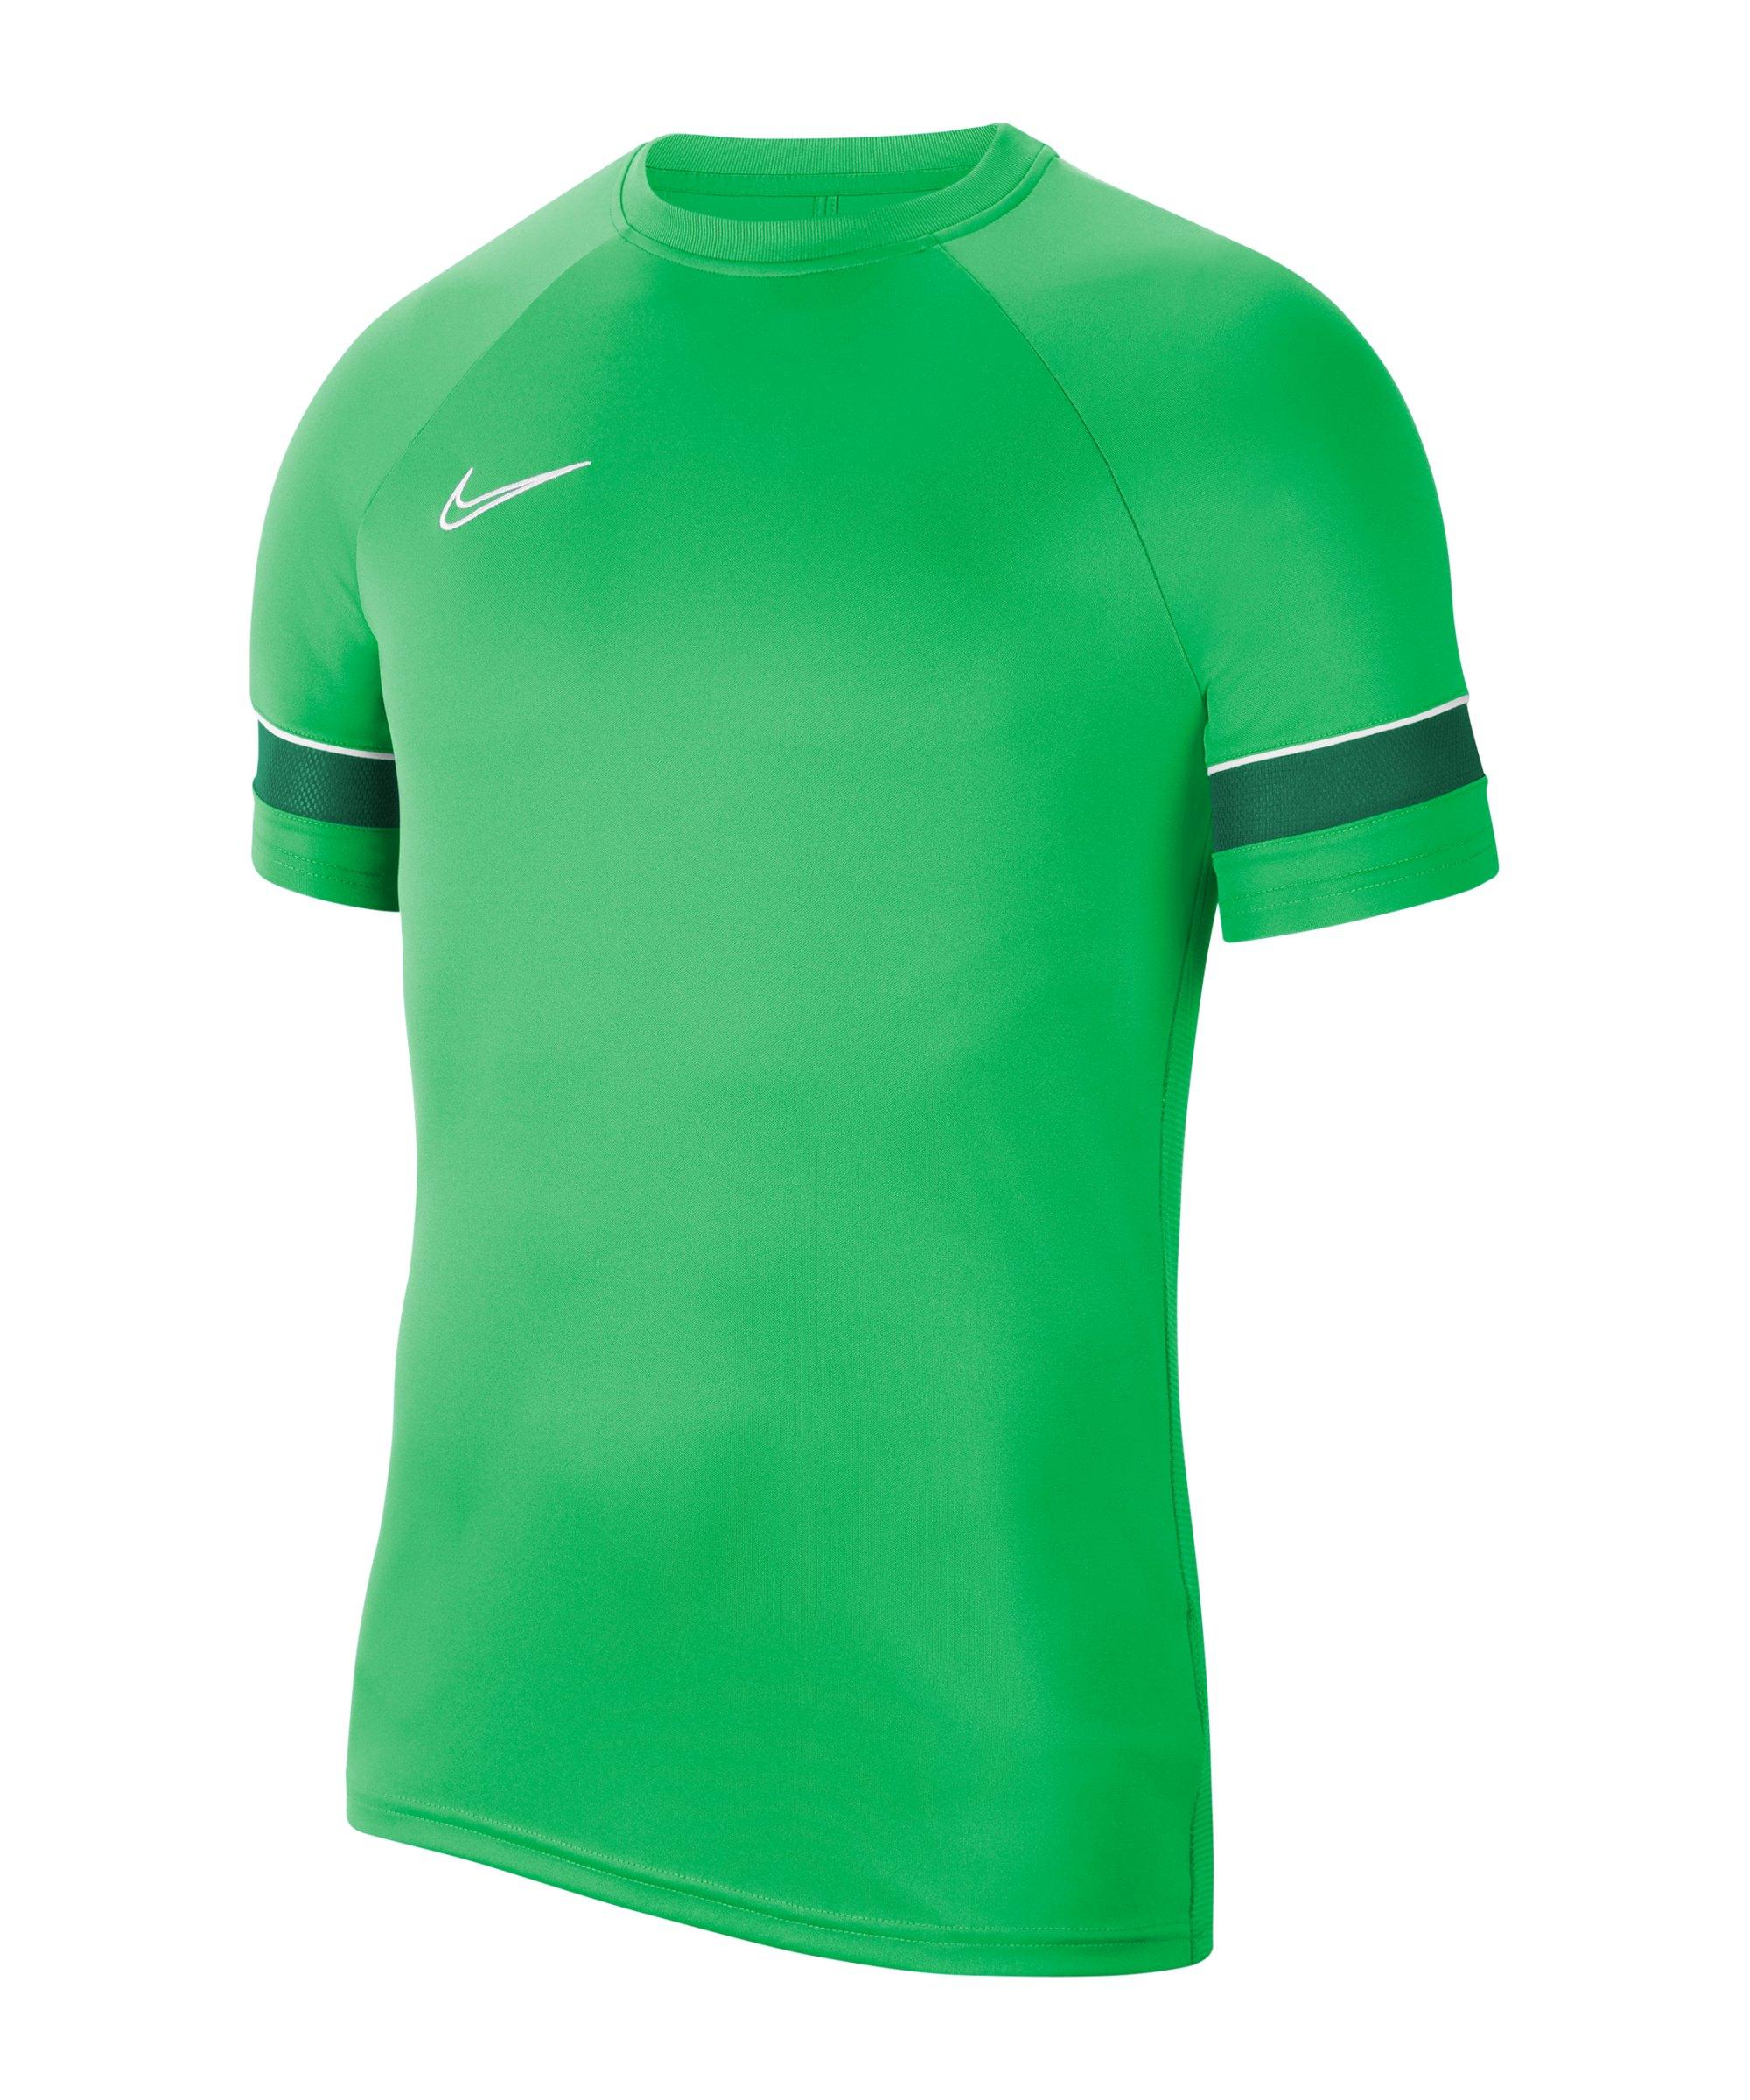 Nike Academy 21 T-Shirt Grün Weiss F362 - gruen